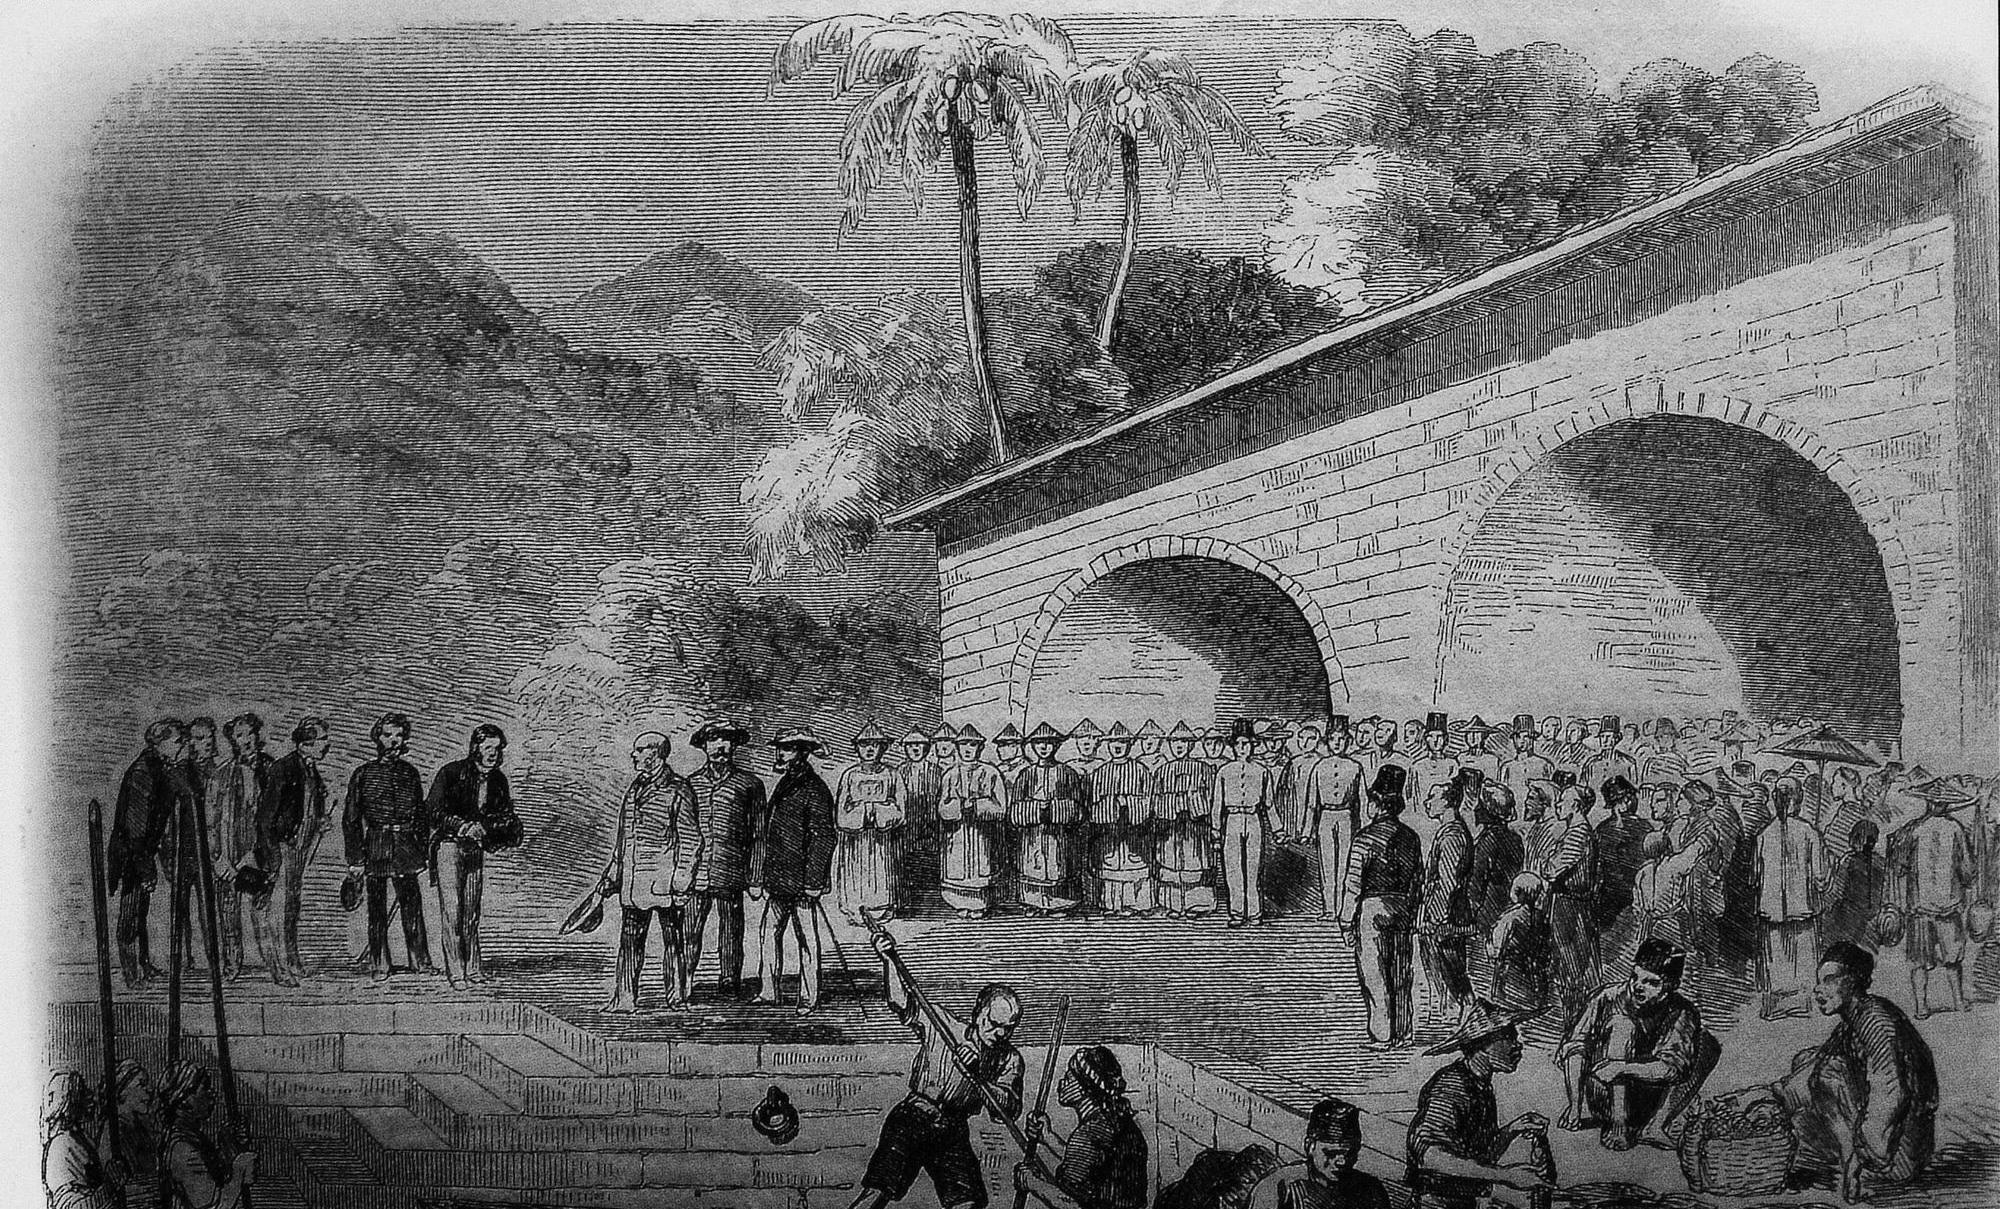 1857年的英国,怪不得敢爆发鸦片战争,原来他们有这个_高清图集_新浪网